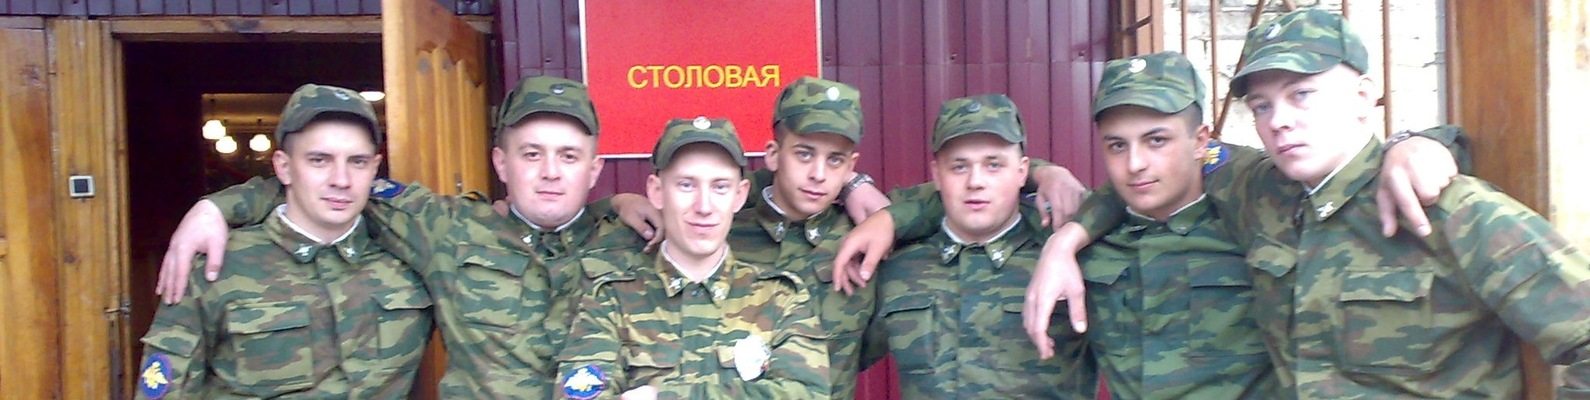 фото духов в армии впервые ввел